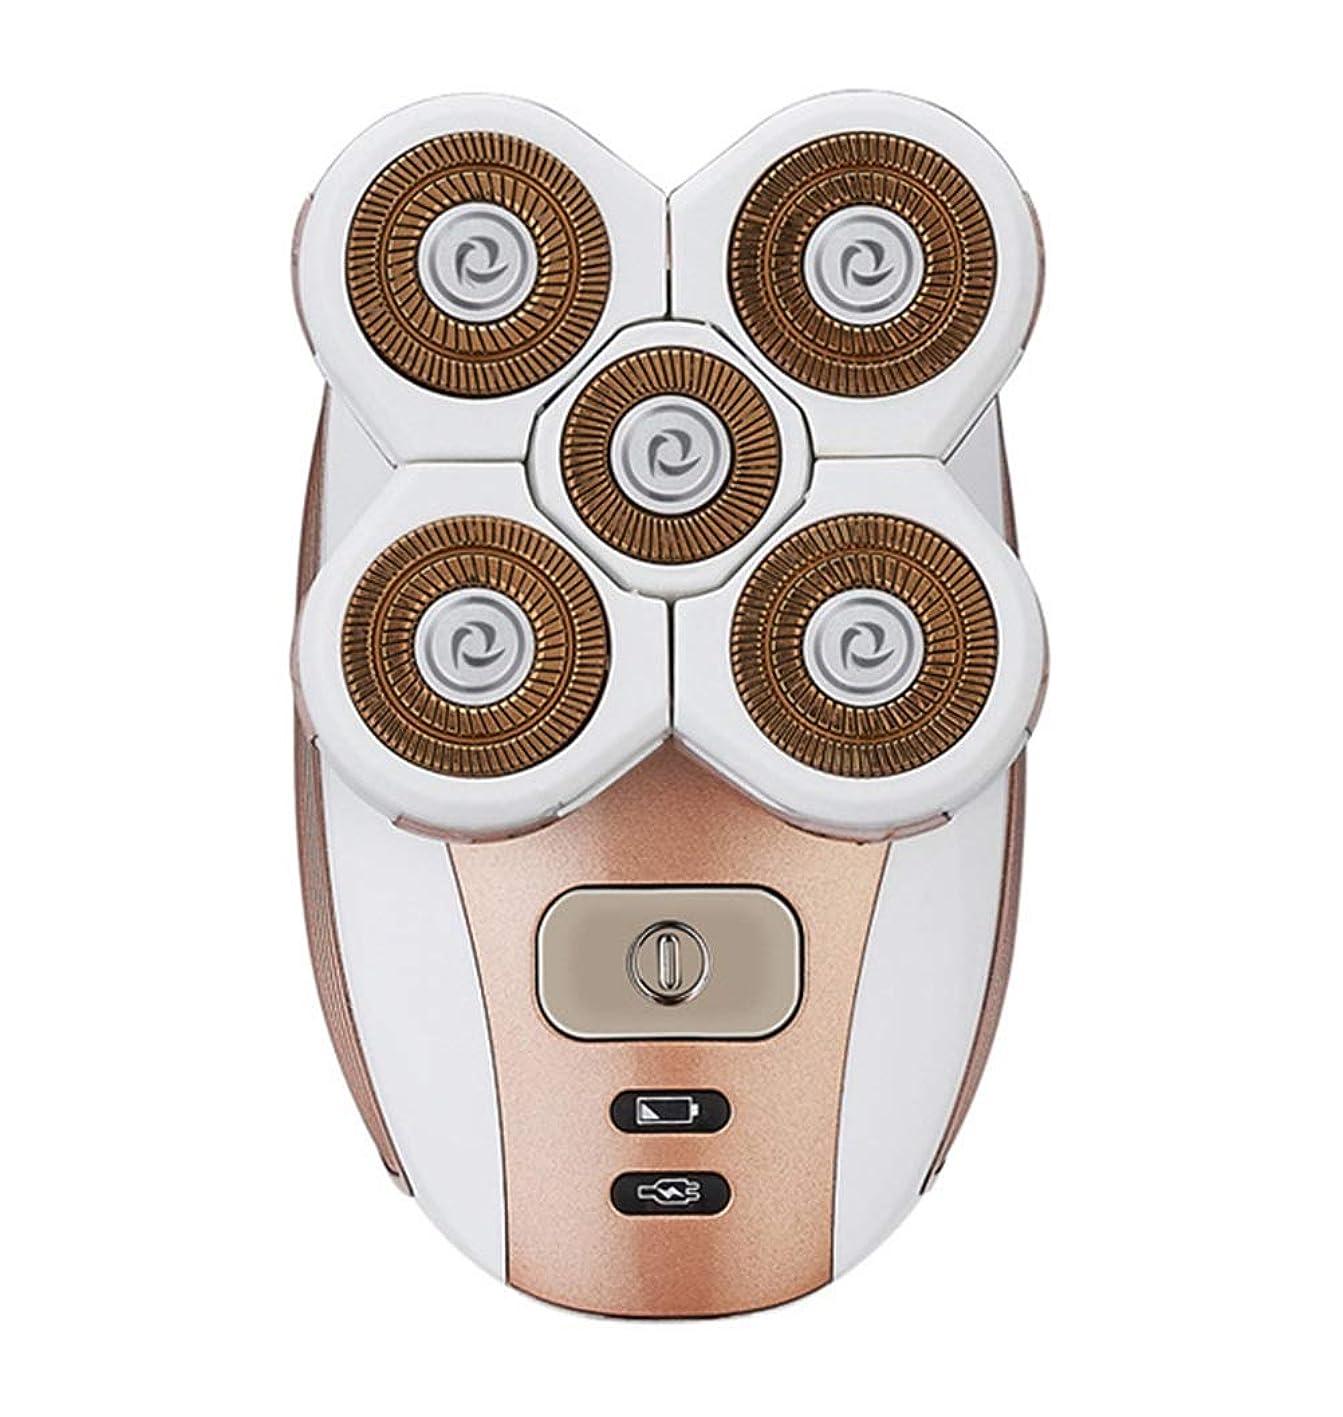 狭い懲らしめ窓NKDK - 脱毛器 電気脱毛装置プライベートパーツシェービング器具脇の下陰毛剃毛レディーシェーバー